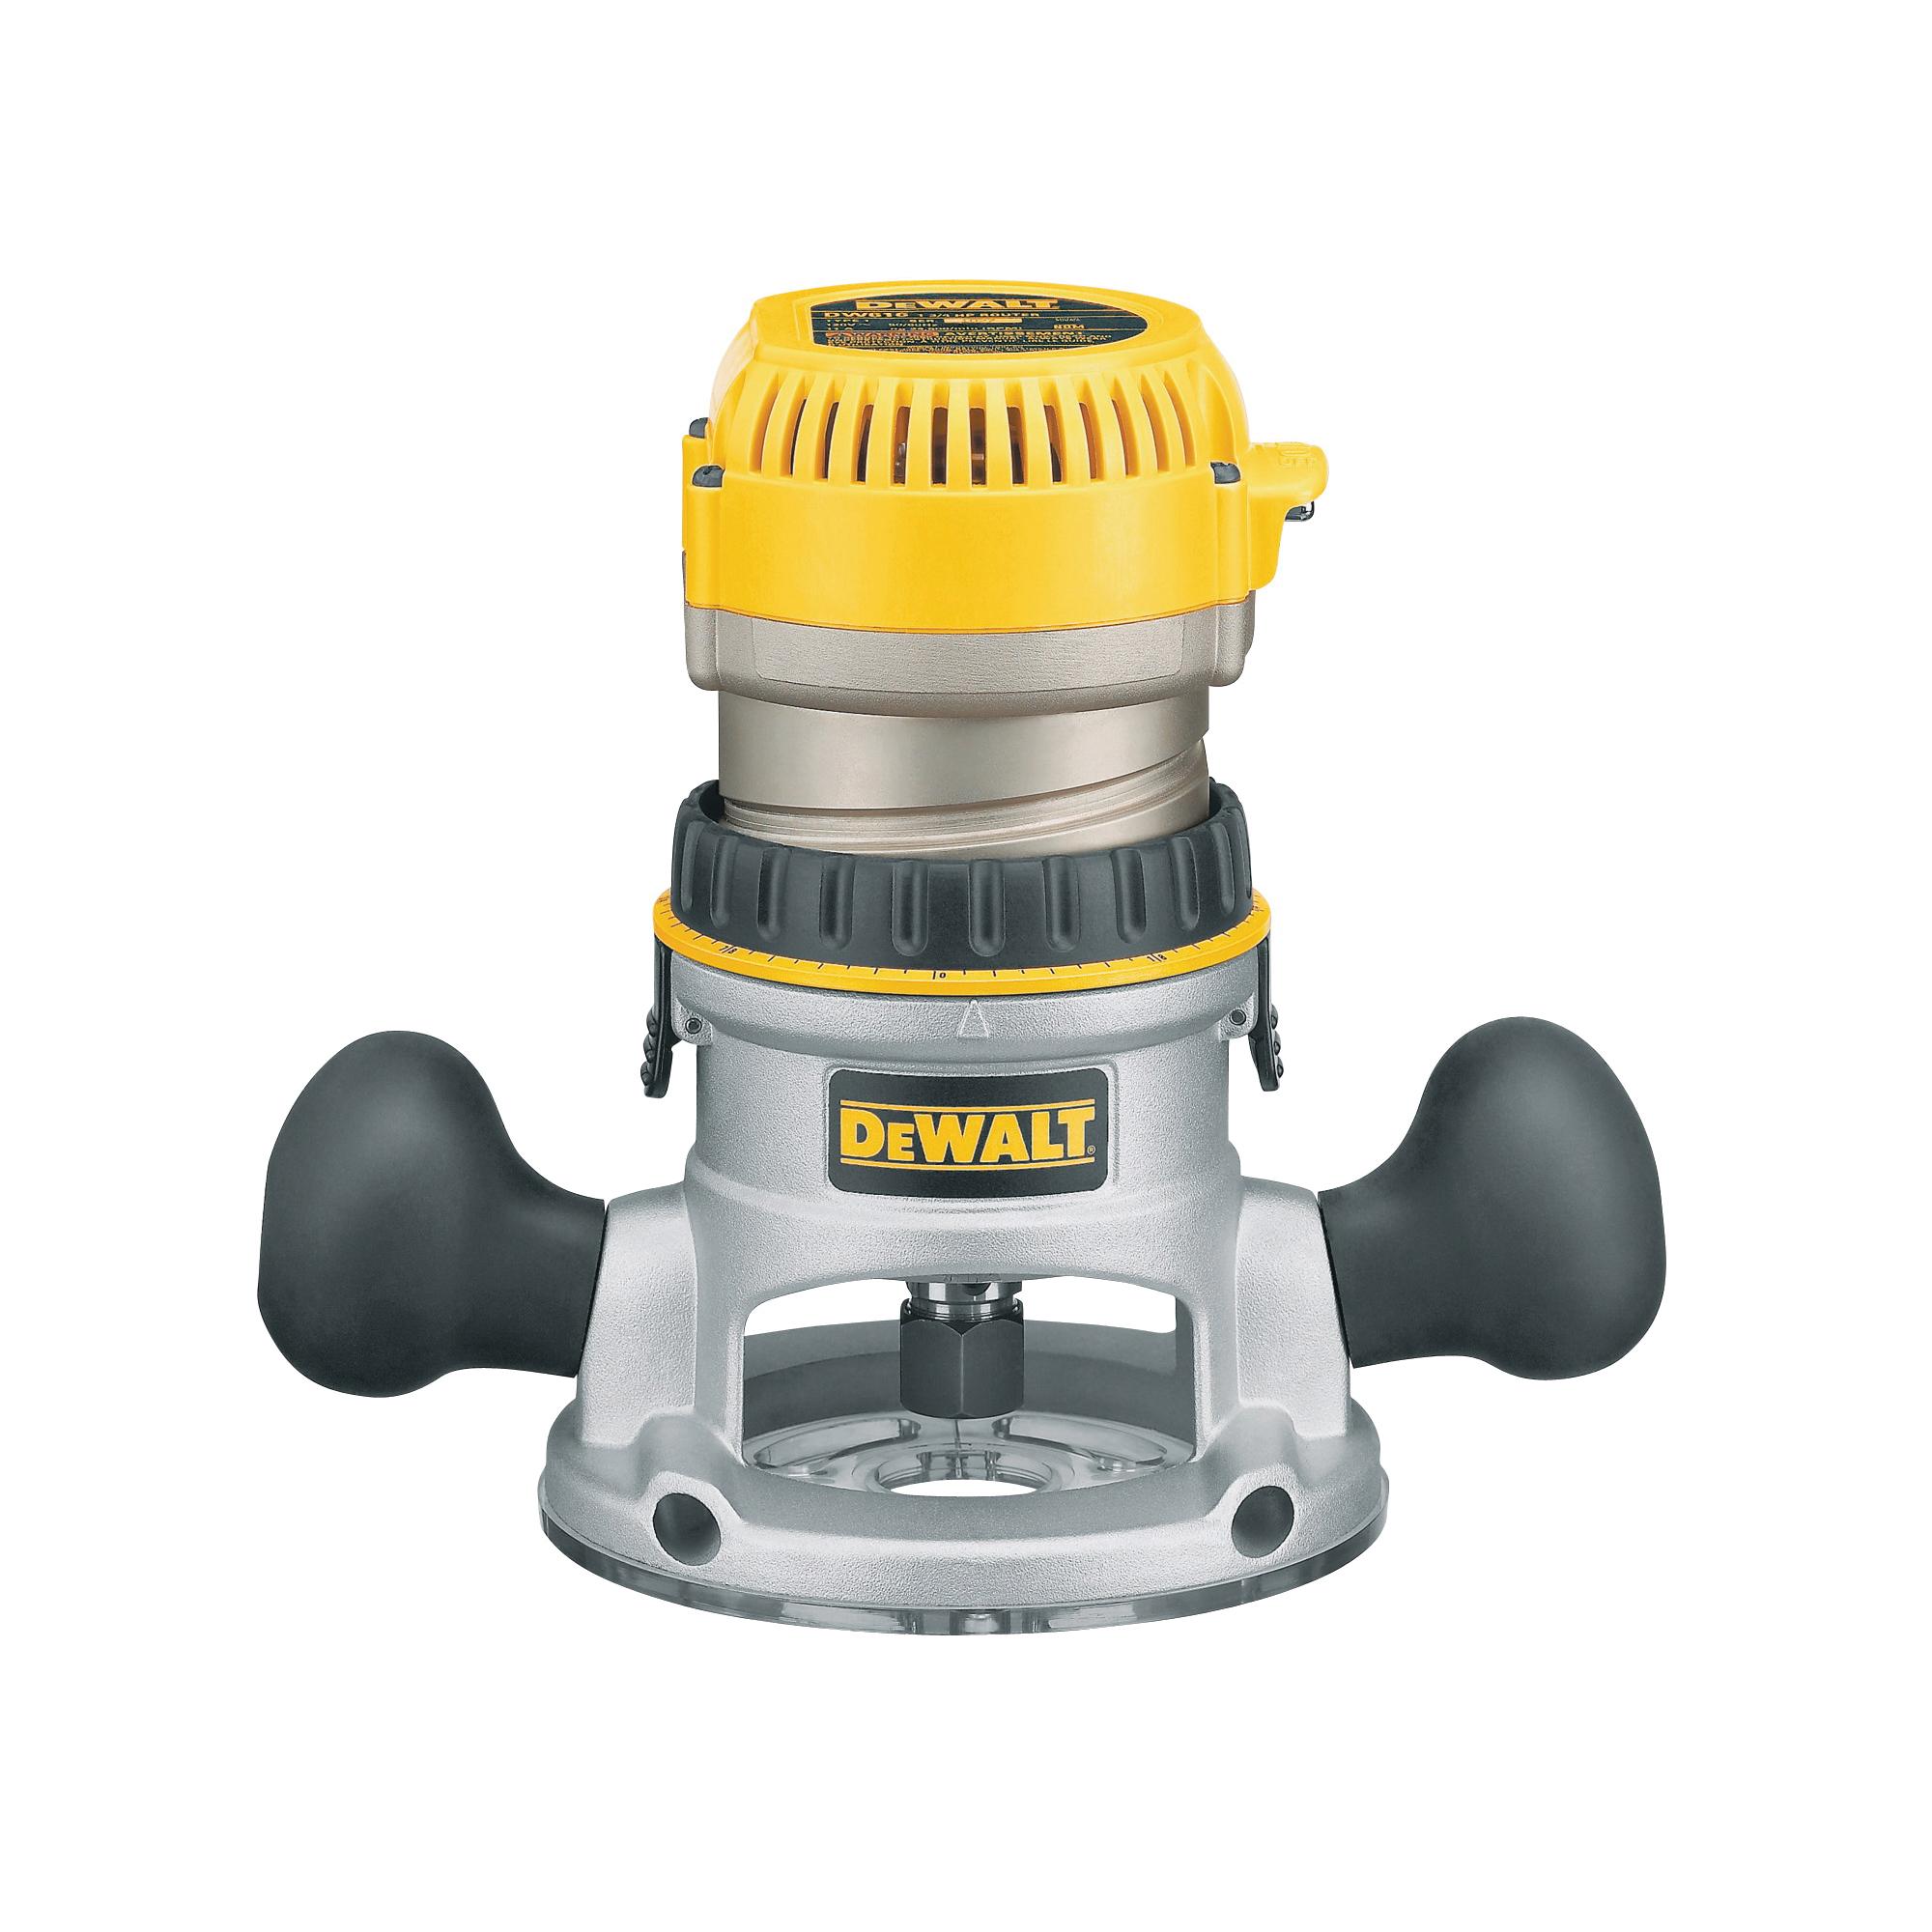 Picture of DeWALT DW616 Router, 120 V, 11 A, 24500 rpm No Load